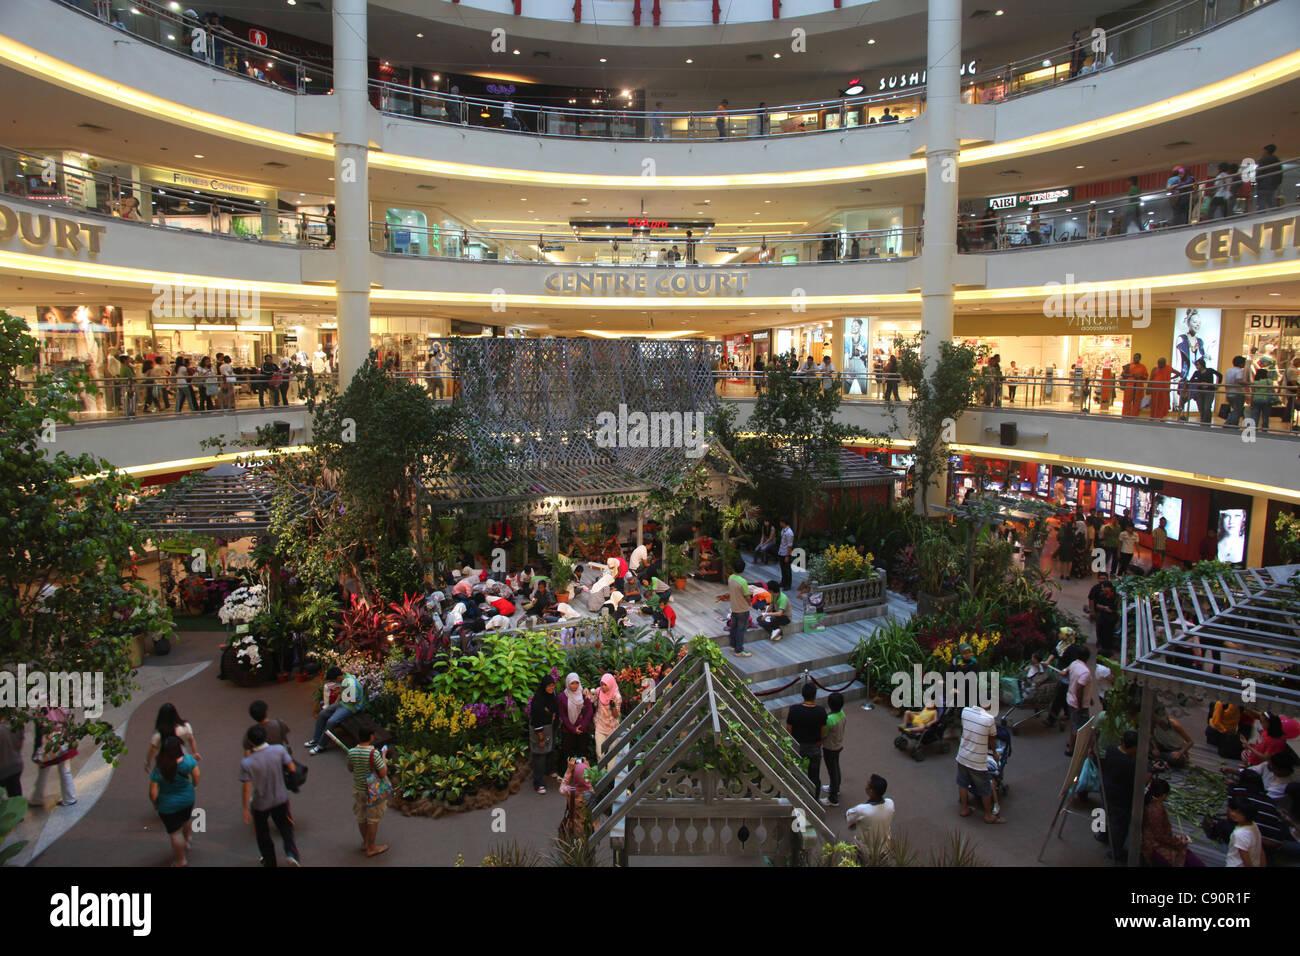 Midvalley Shopping Mall, Kuala Lumpur, Malaysia, Asia - Stock Image